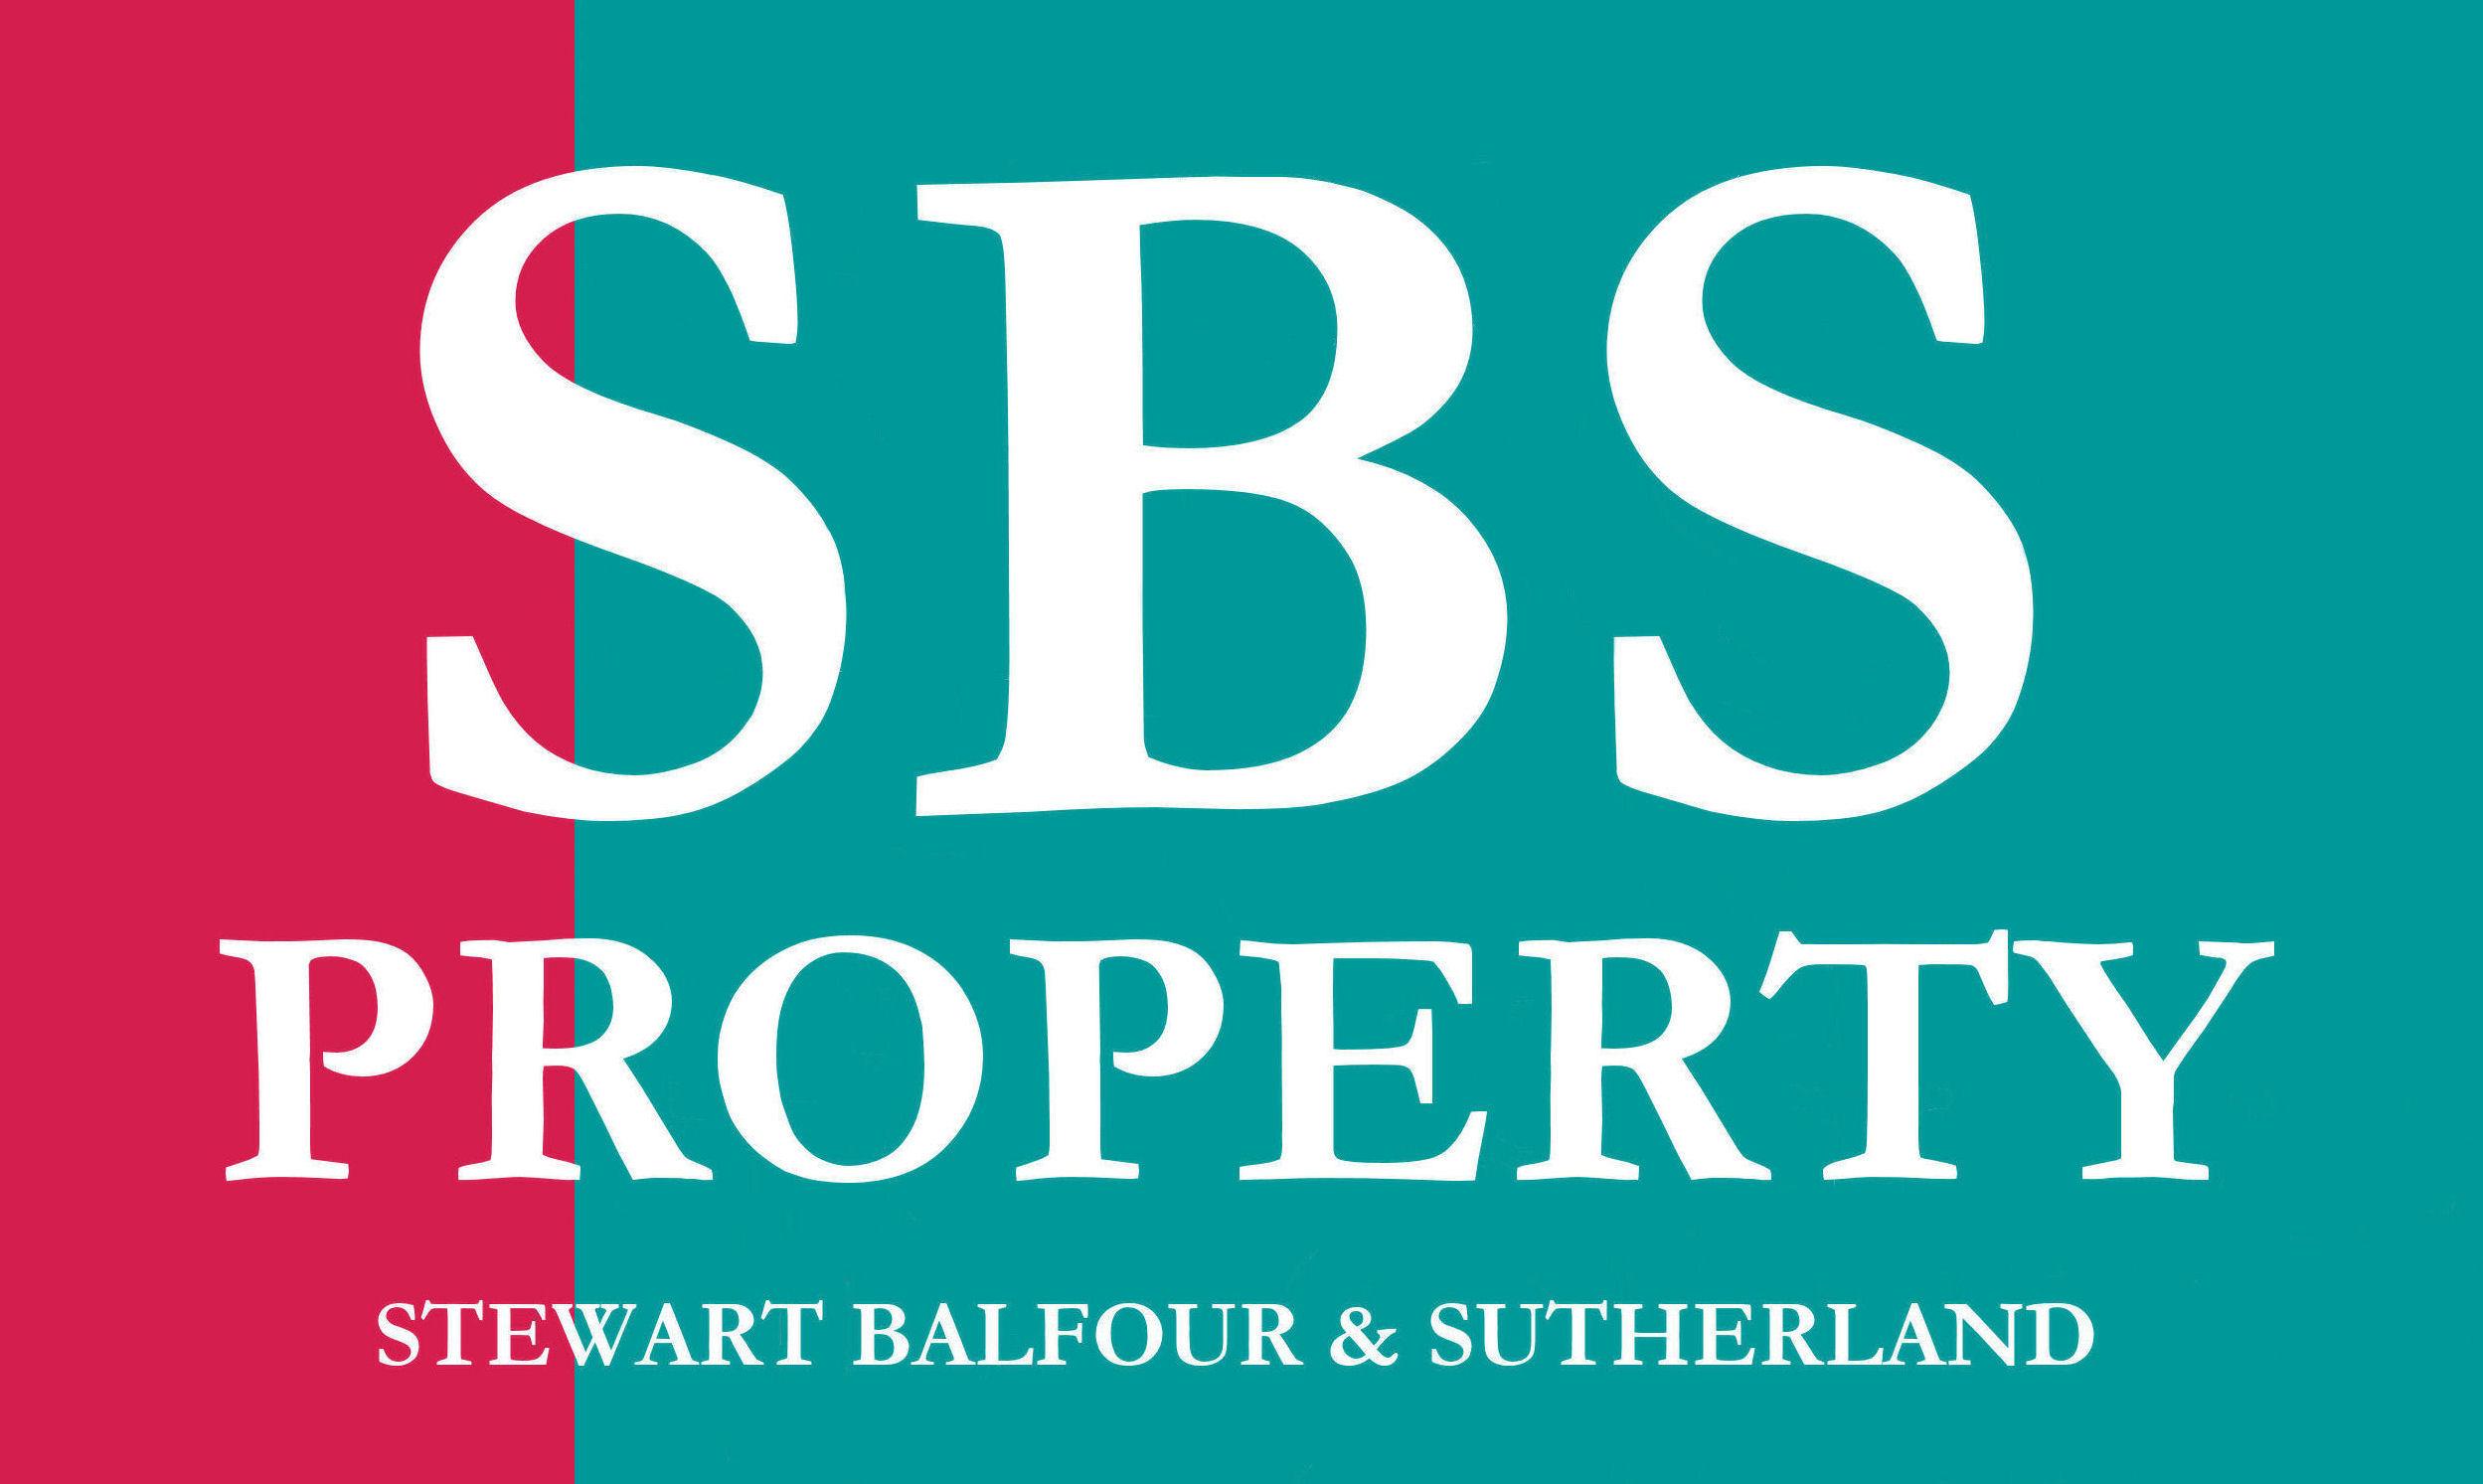 Stewart Balfour & Sutherland